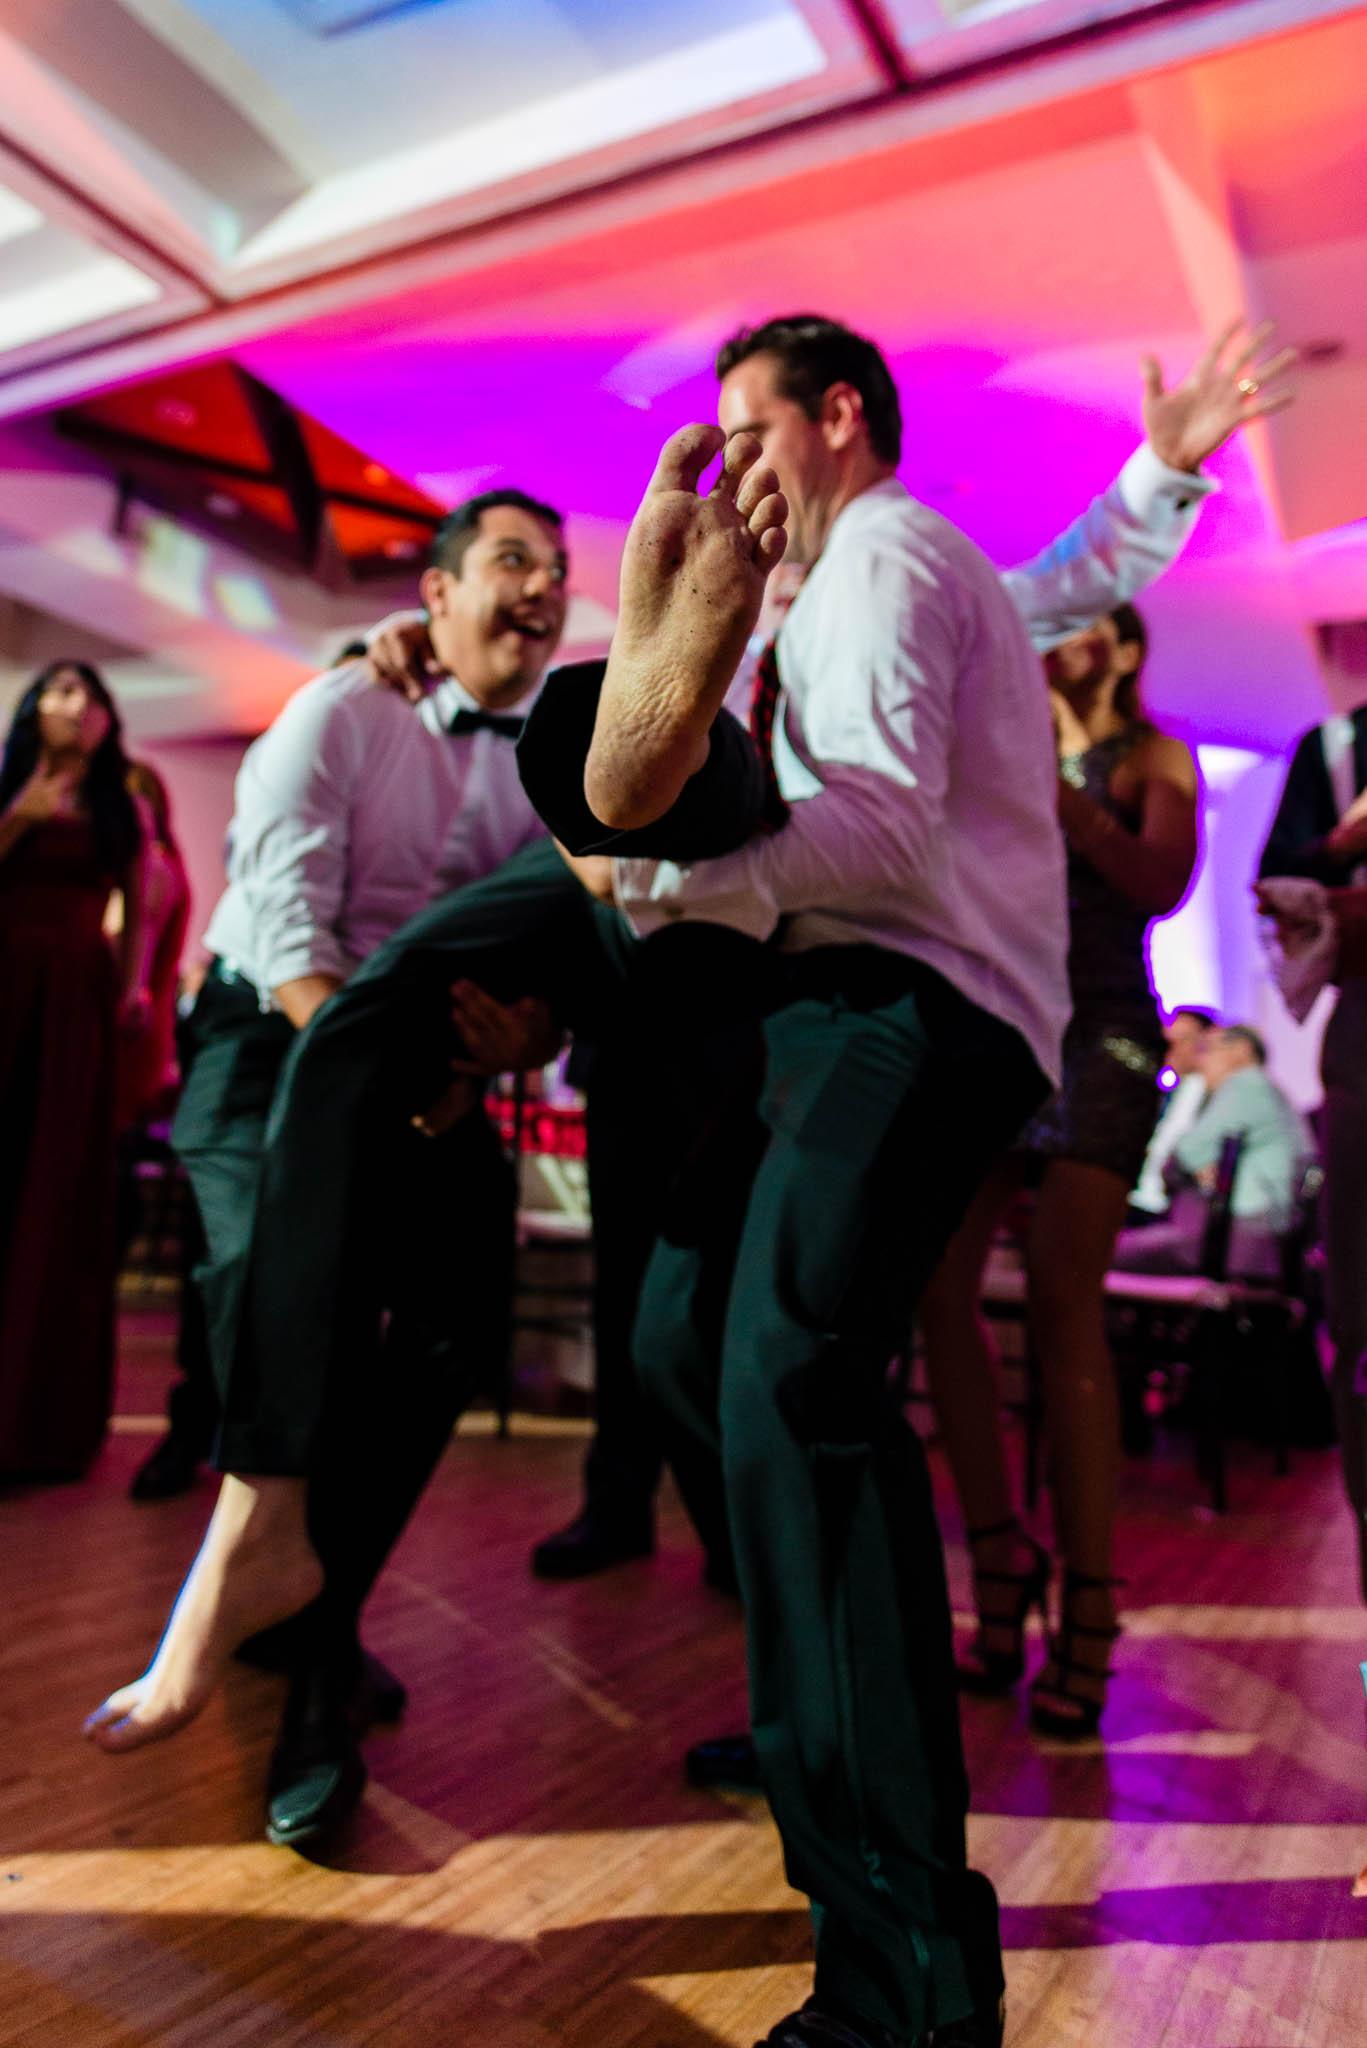 fotografo de bodas san luis potosi boda mexico wedding destination fotos de boda 288